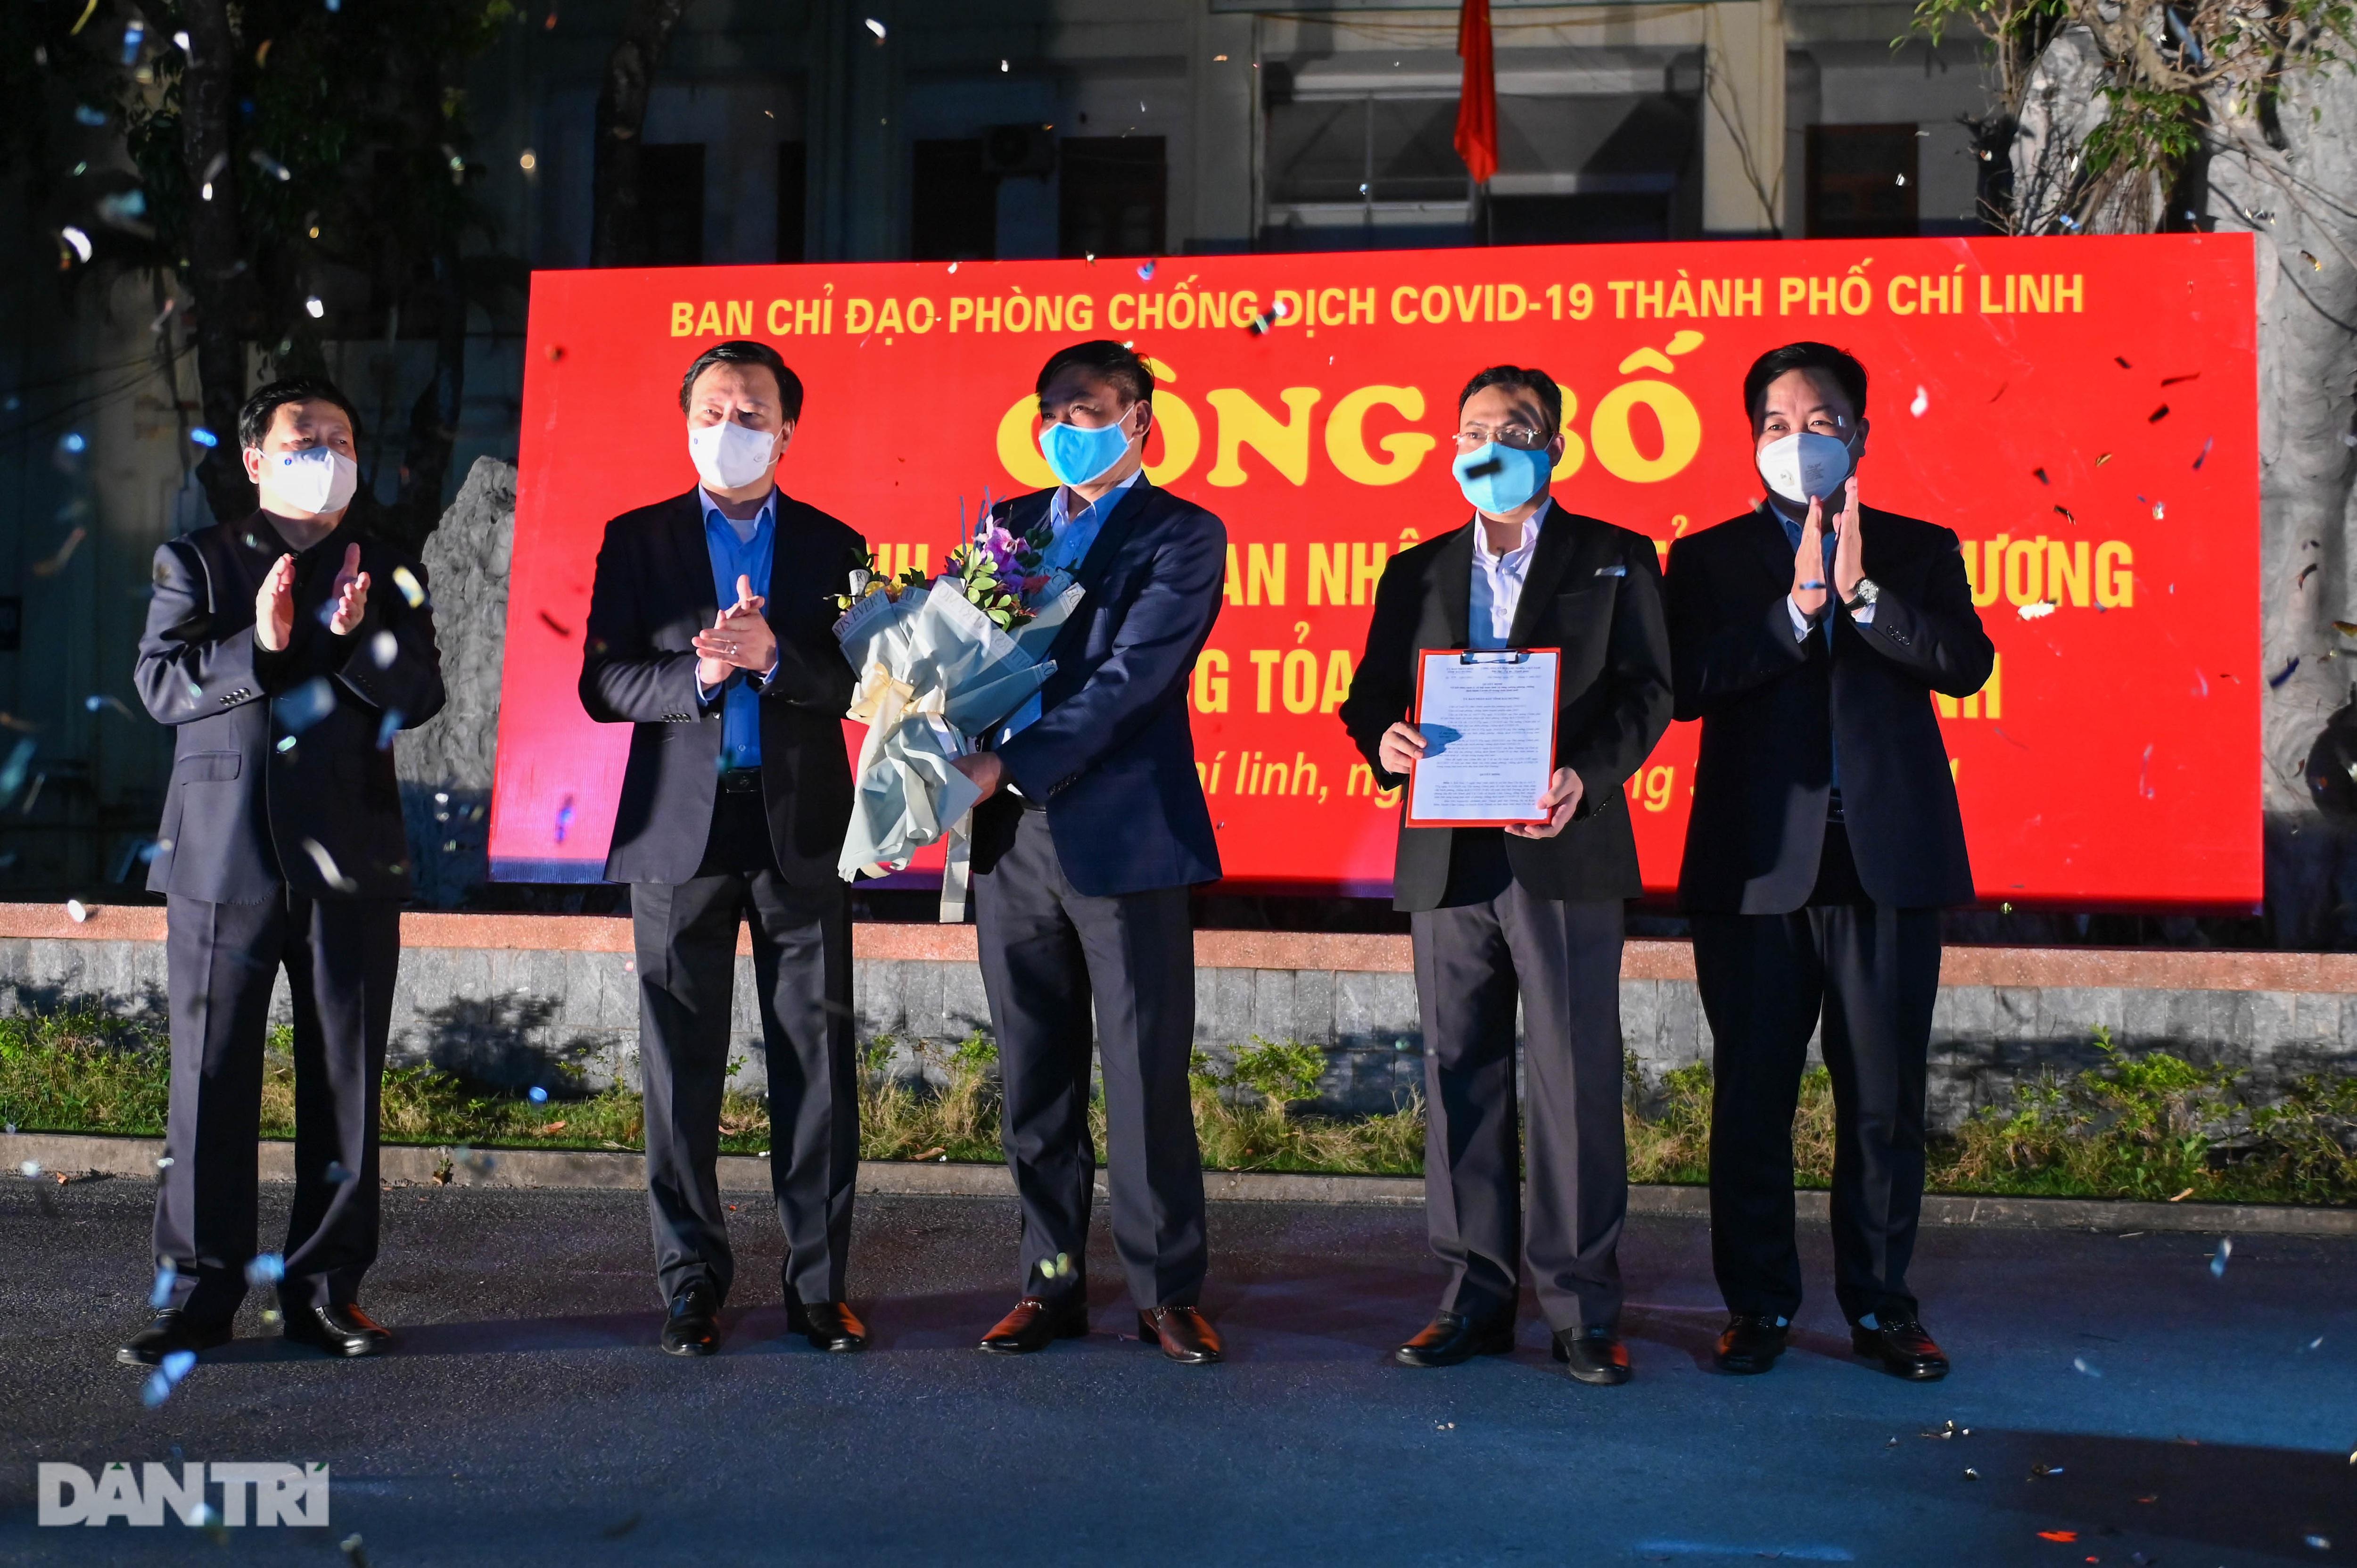 Pháo hoa rực rỡ, người dân vỡ òa cảm xúc khi TP Chí Linh được gỡ phong tỏa - Ảnh 5.